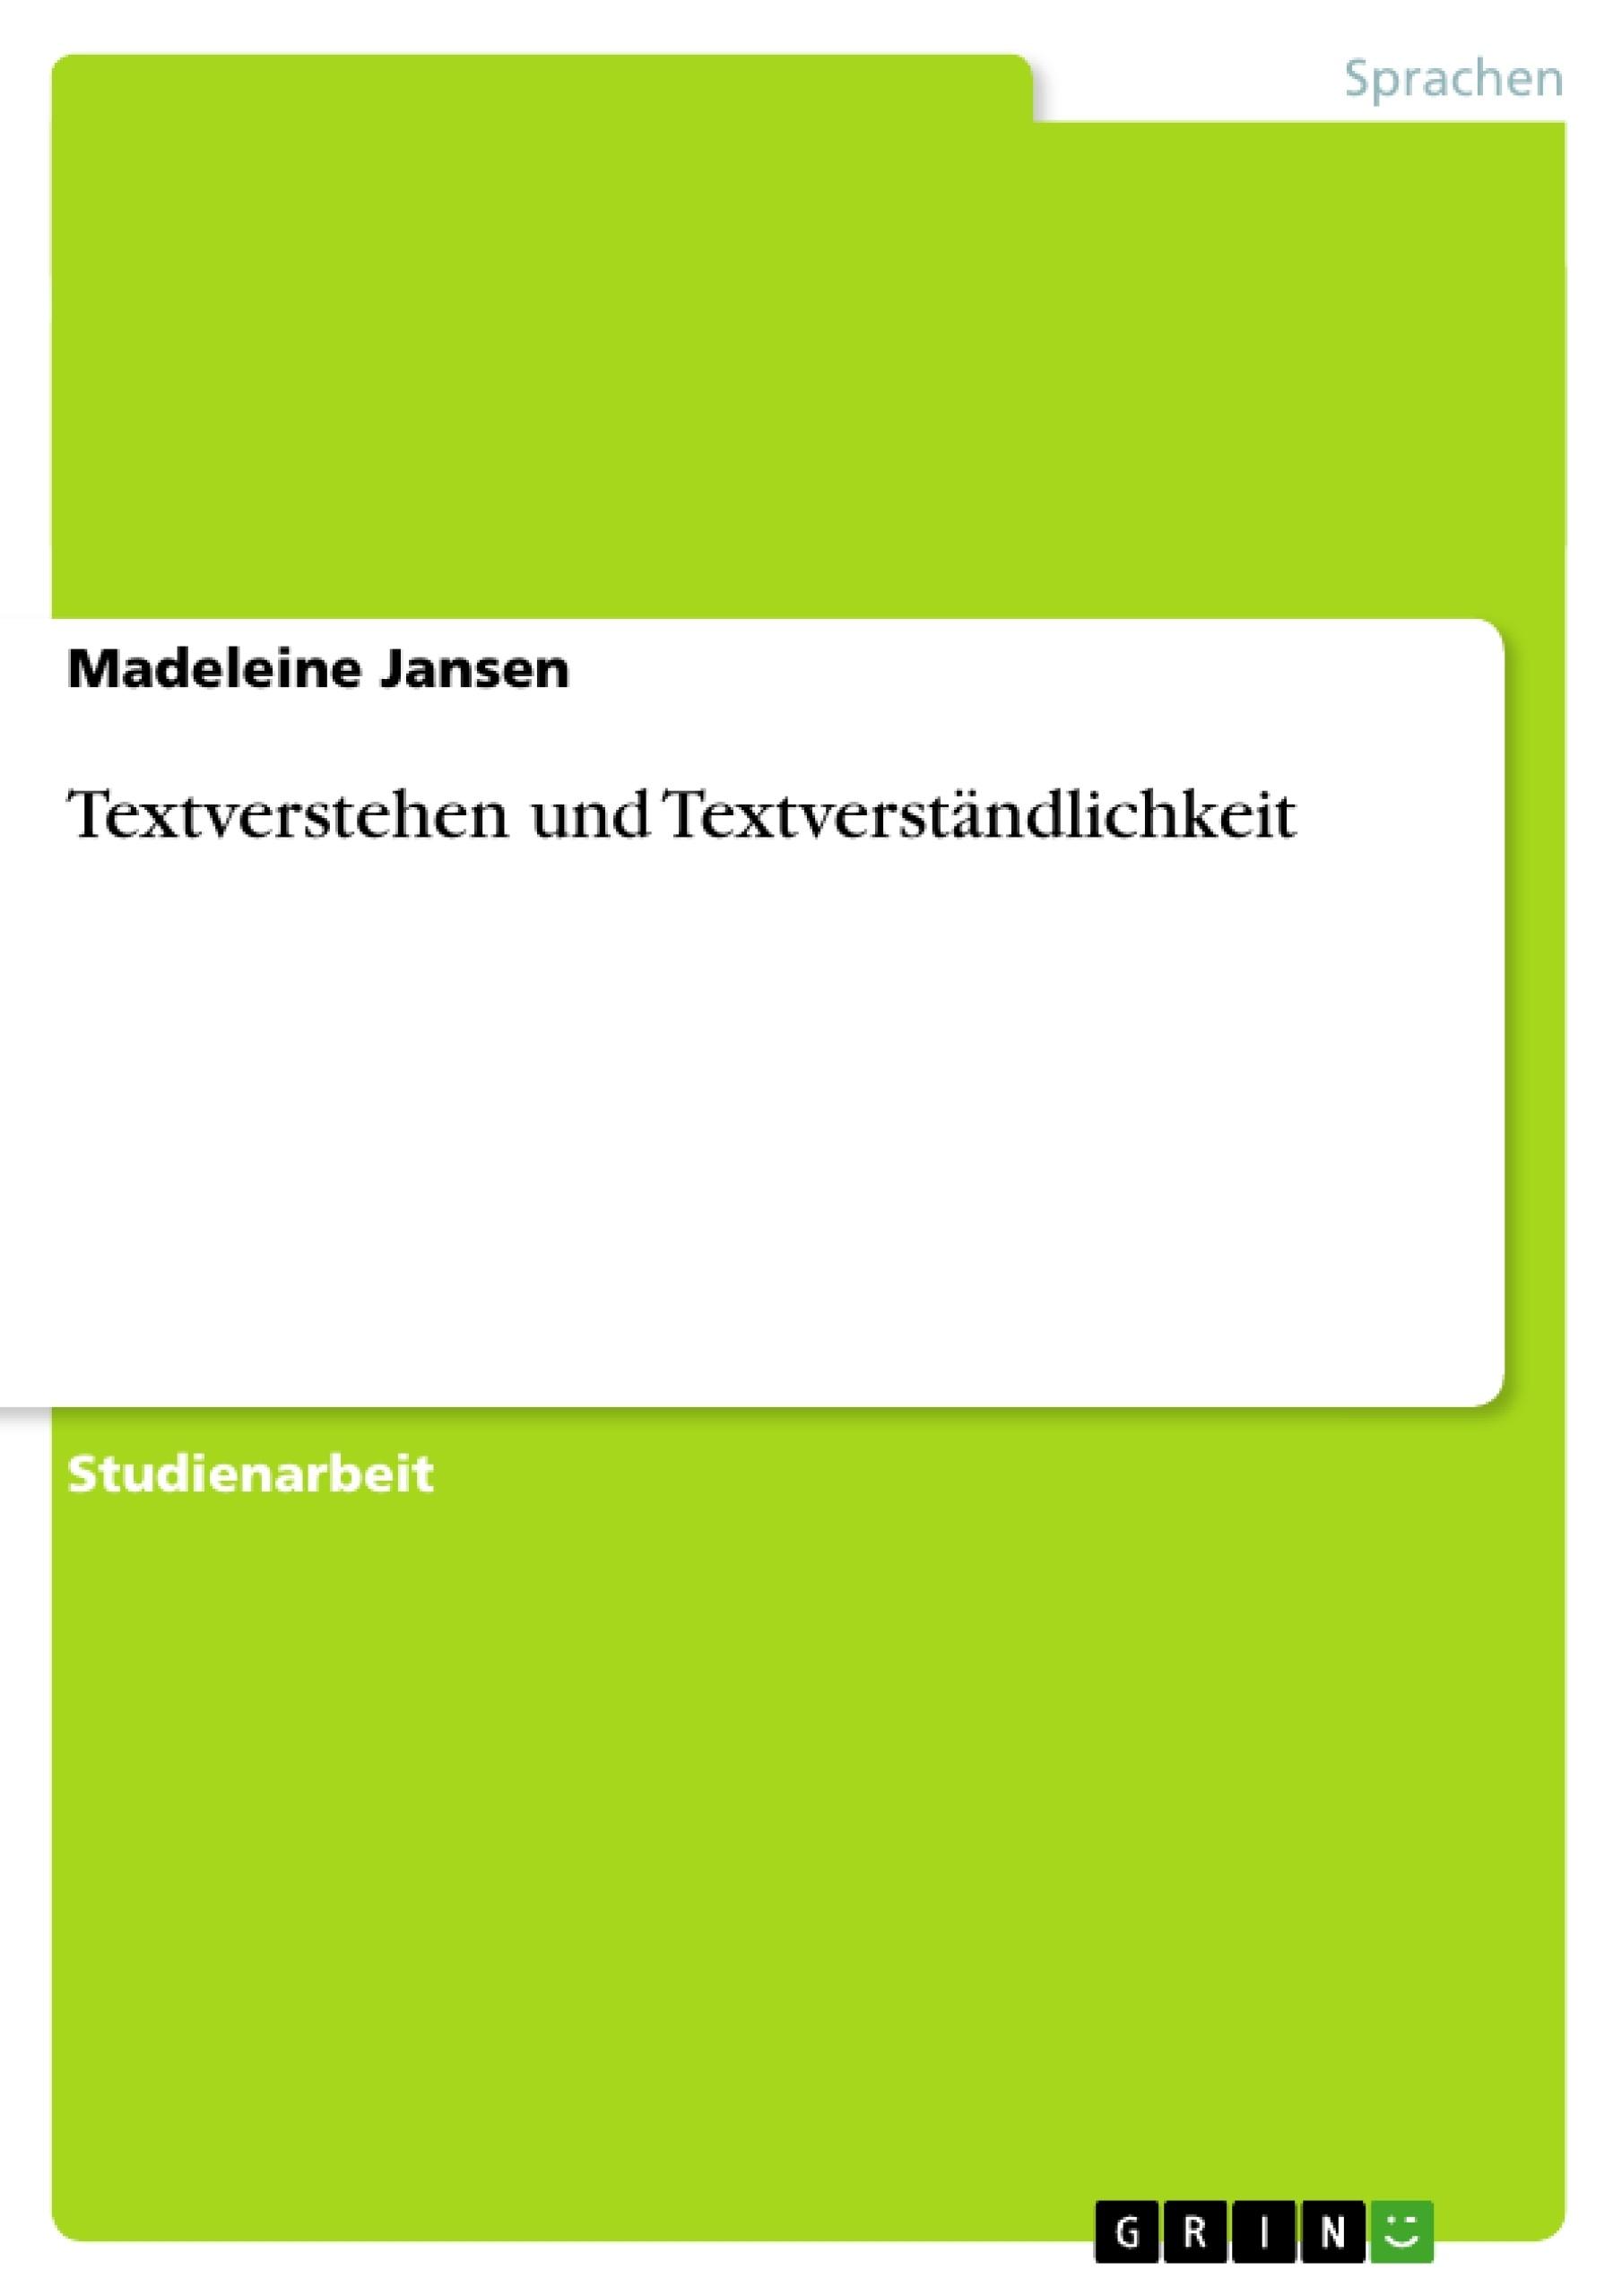 Titel: Textverstehen und Textverständlichkeit